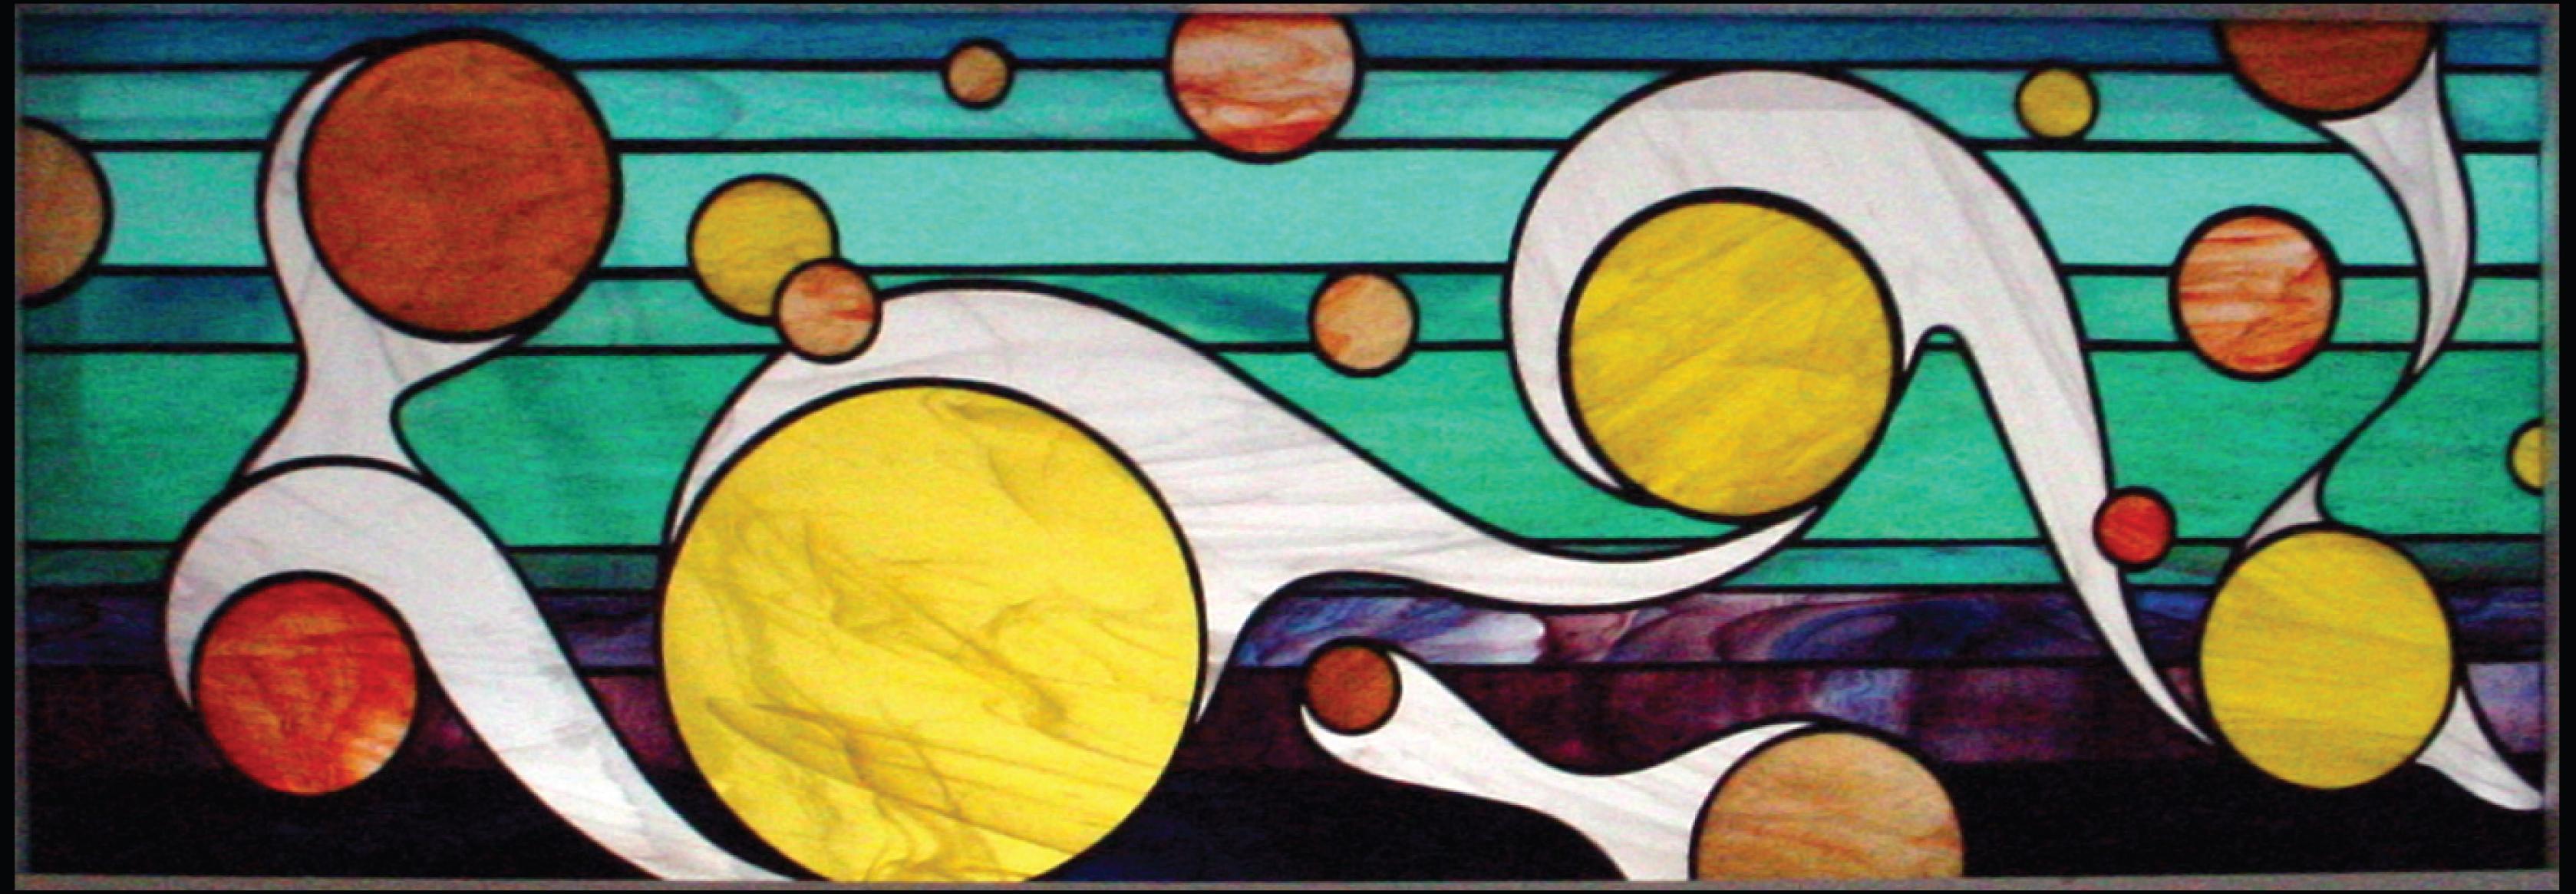 Dancing Bubbles, 2005, tiffany